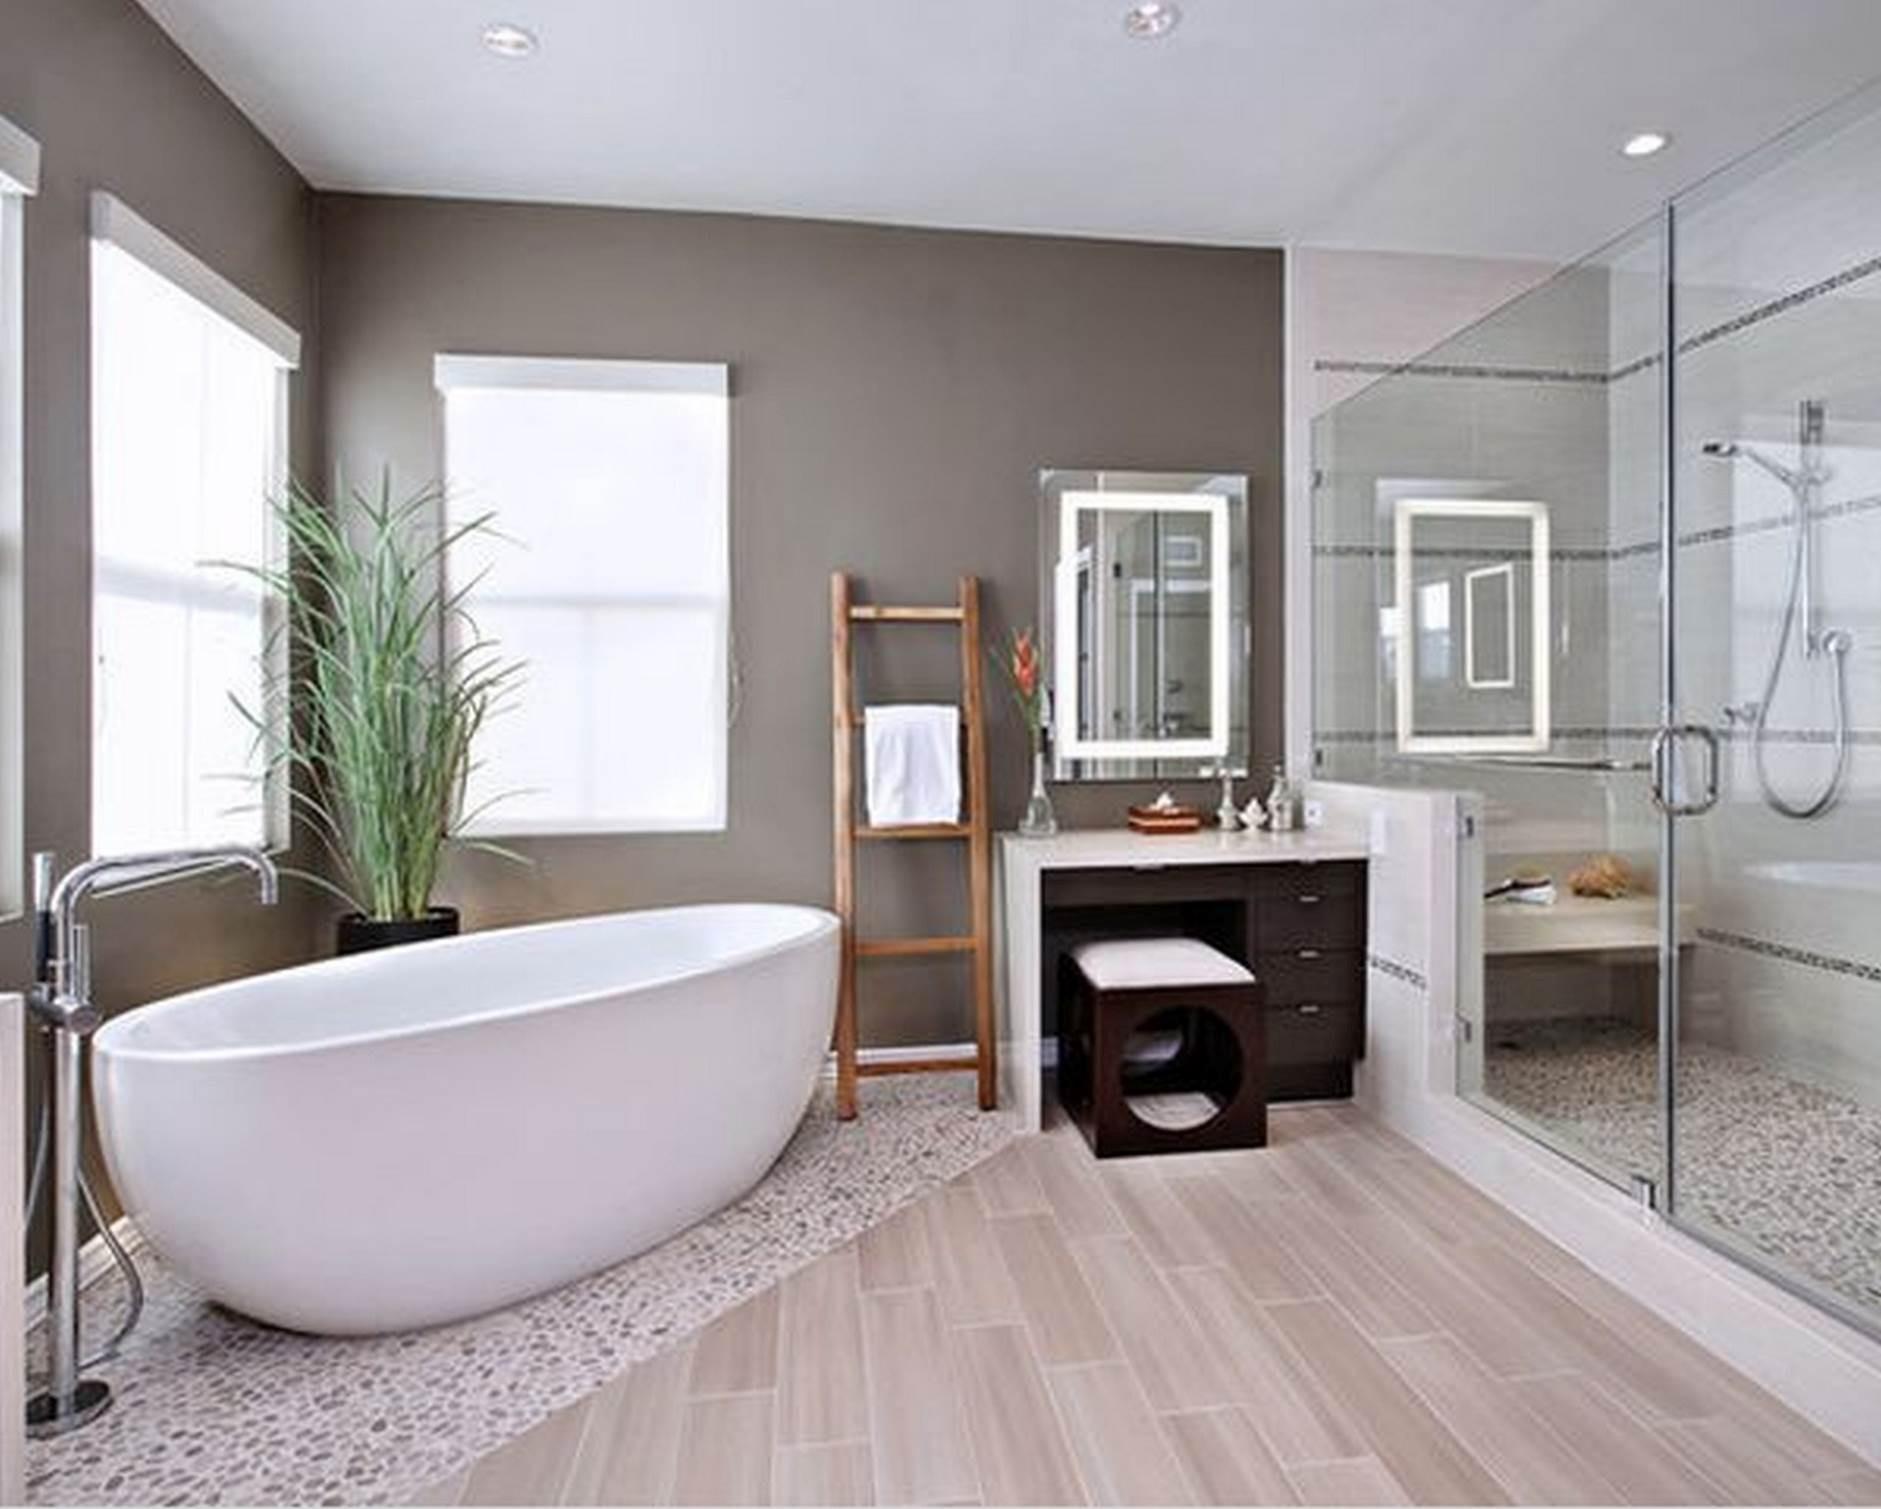 Unique Creative Bathroom Ideas Model Bathroom Design Ideas Gallery